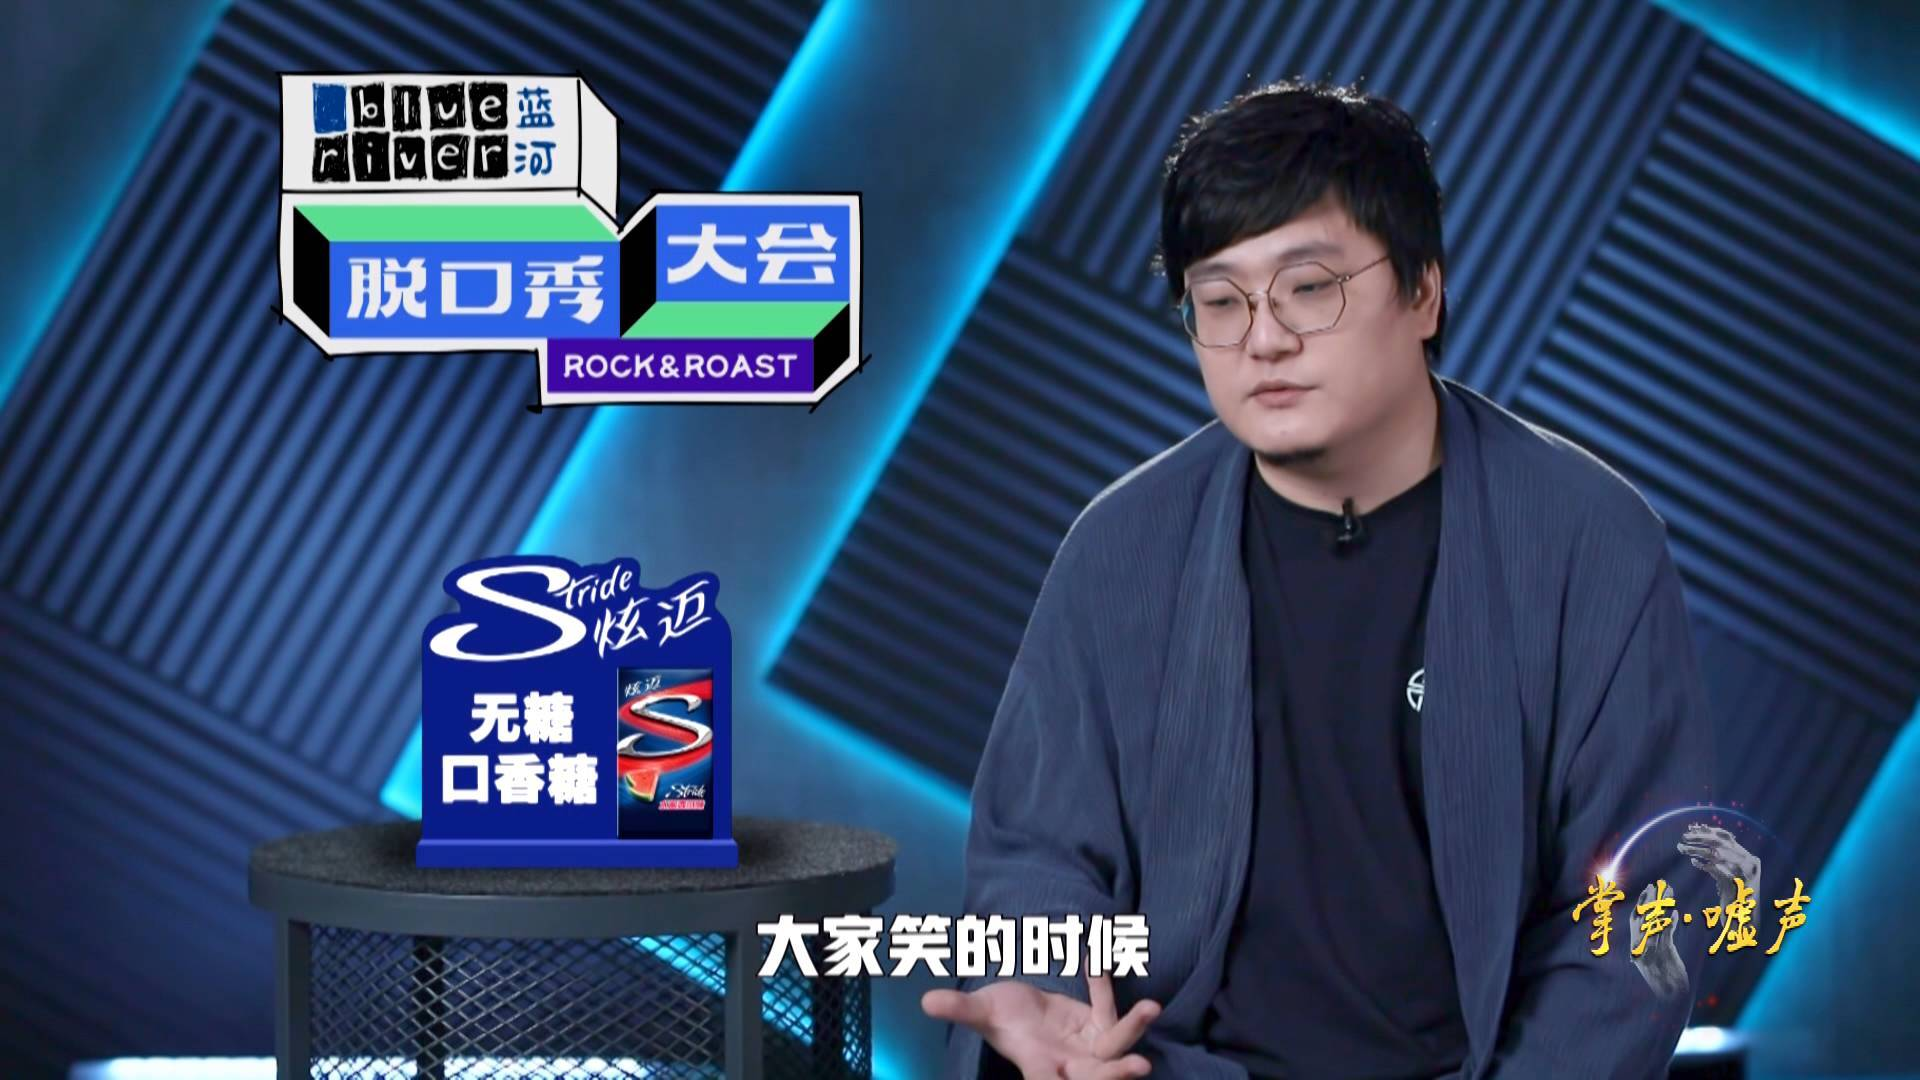 """2020中国视频节目年度""""掌声•嘘声""""丨三分钟回顾《脱口秀大会》第三季精彩瞬间"""